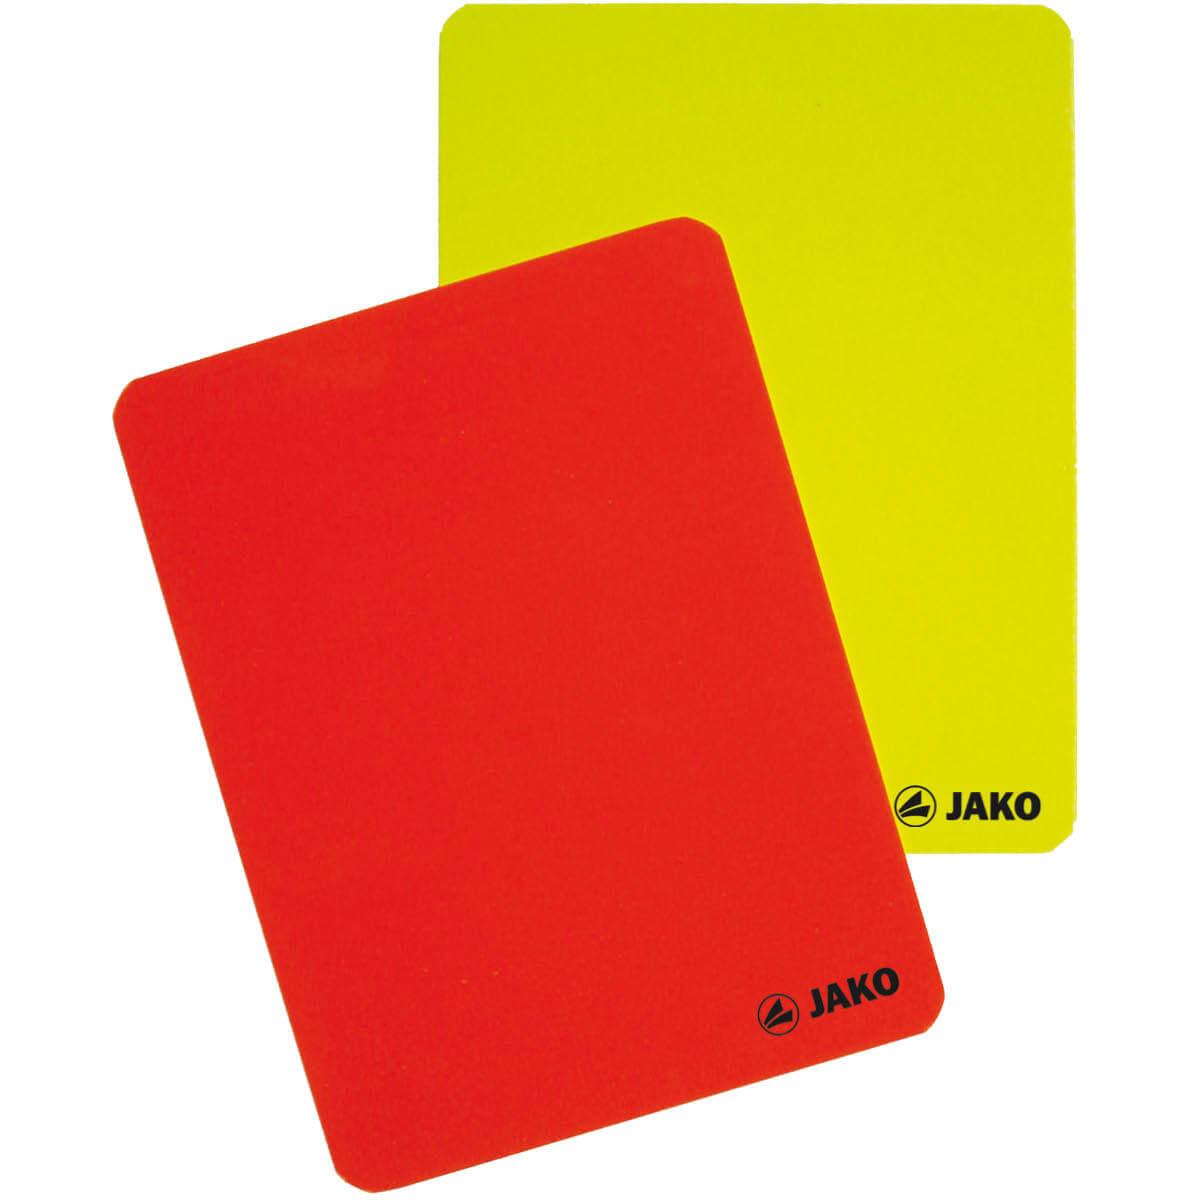 Jako Karten-Set  Schiedsrichter  2164  | div. Größen / Farben